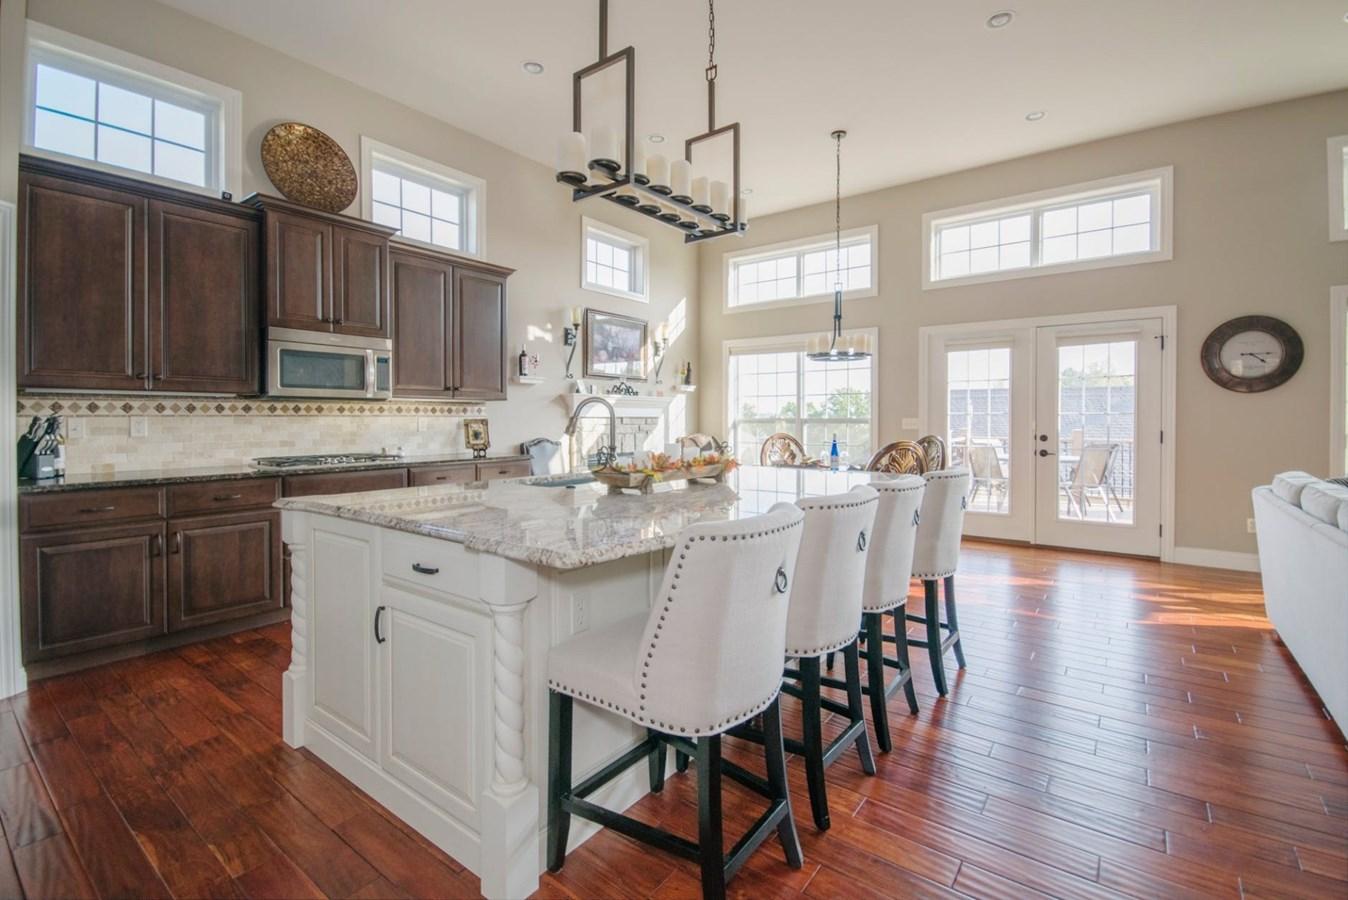 r nover sa cuisine pour augmenter le prix de vente de sa propri t l 39 cho de laval. Black Bedroom Furniture Sets. Home Design Ideas